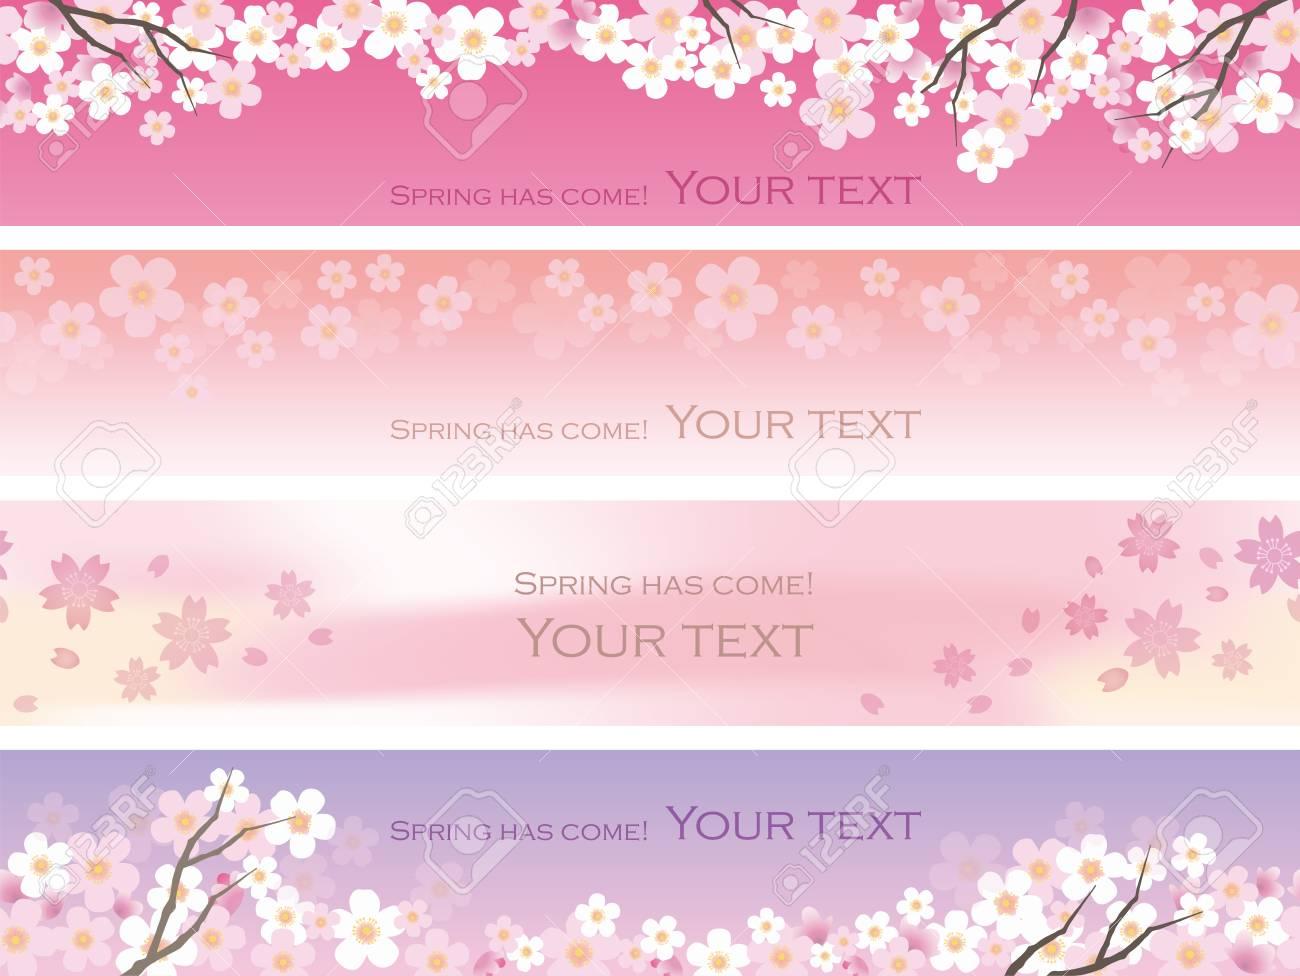 満開の桜と 4 つのシームレスなベクトル背景イラストのセット